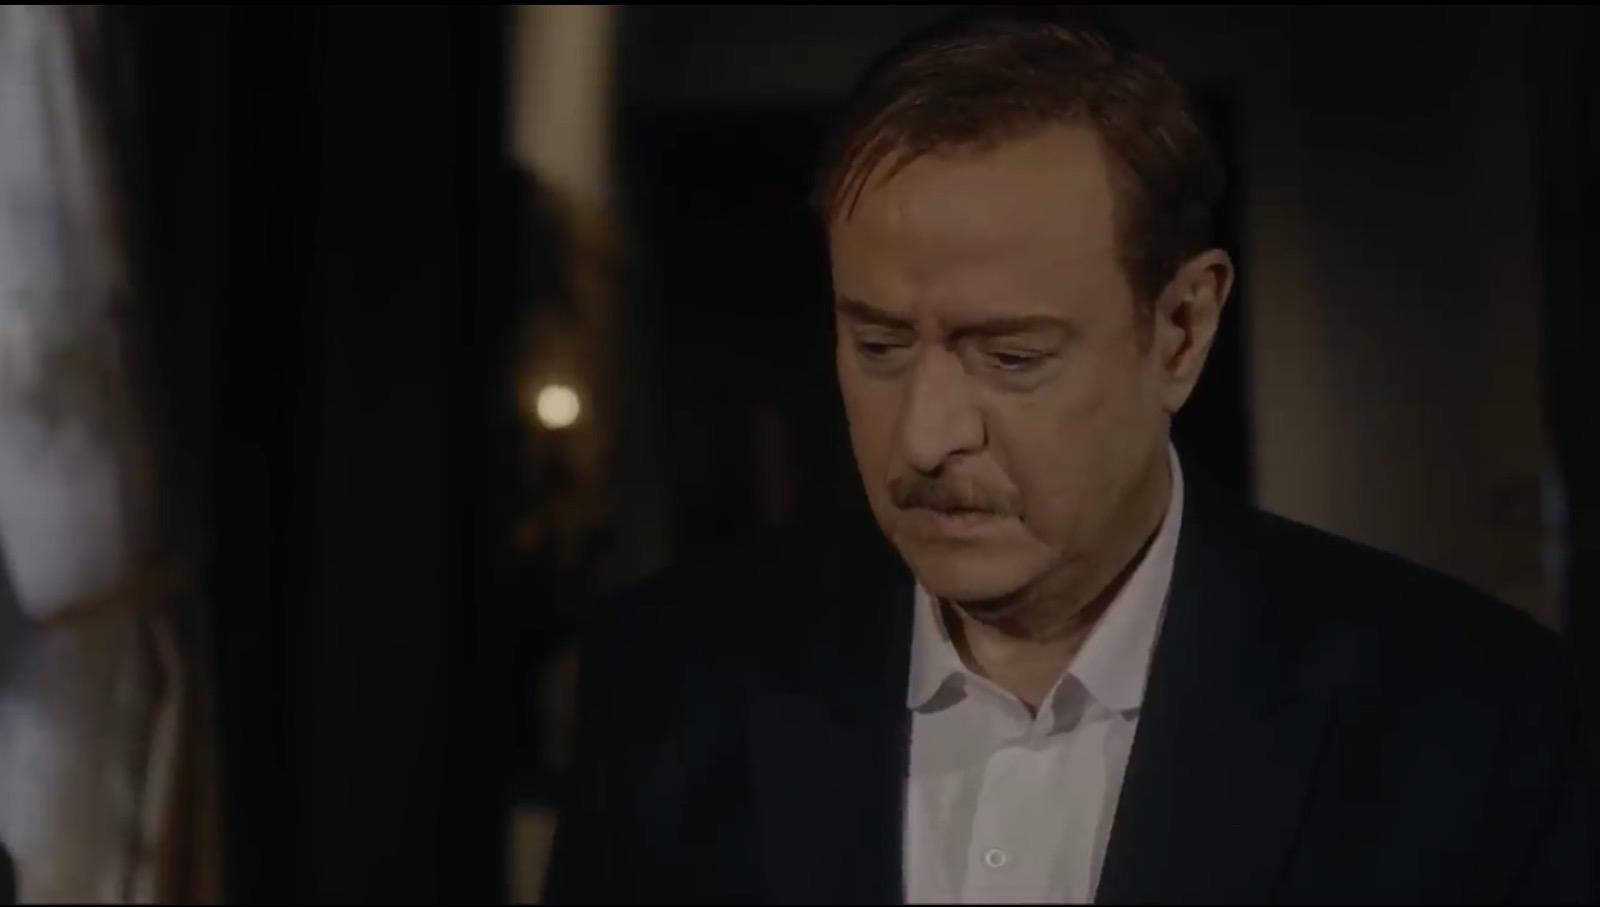 رمضان, مسلسل رمضاني, مسلسل جديد, مسلسل سوري جديد